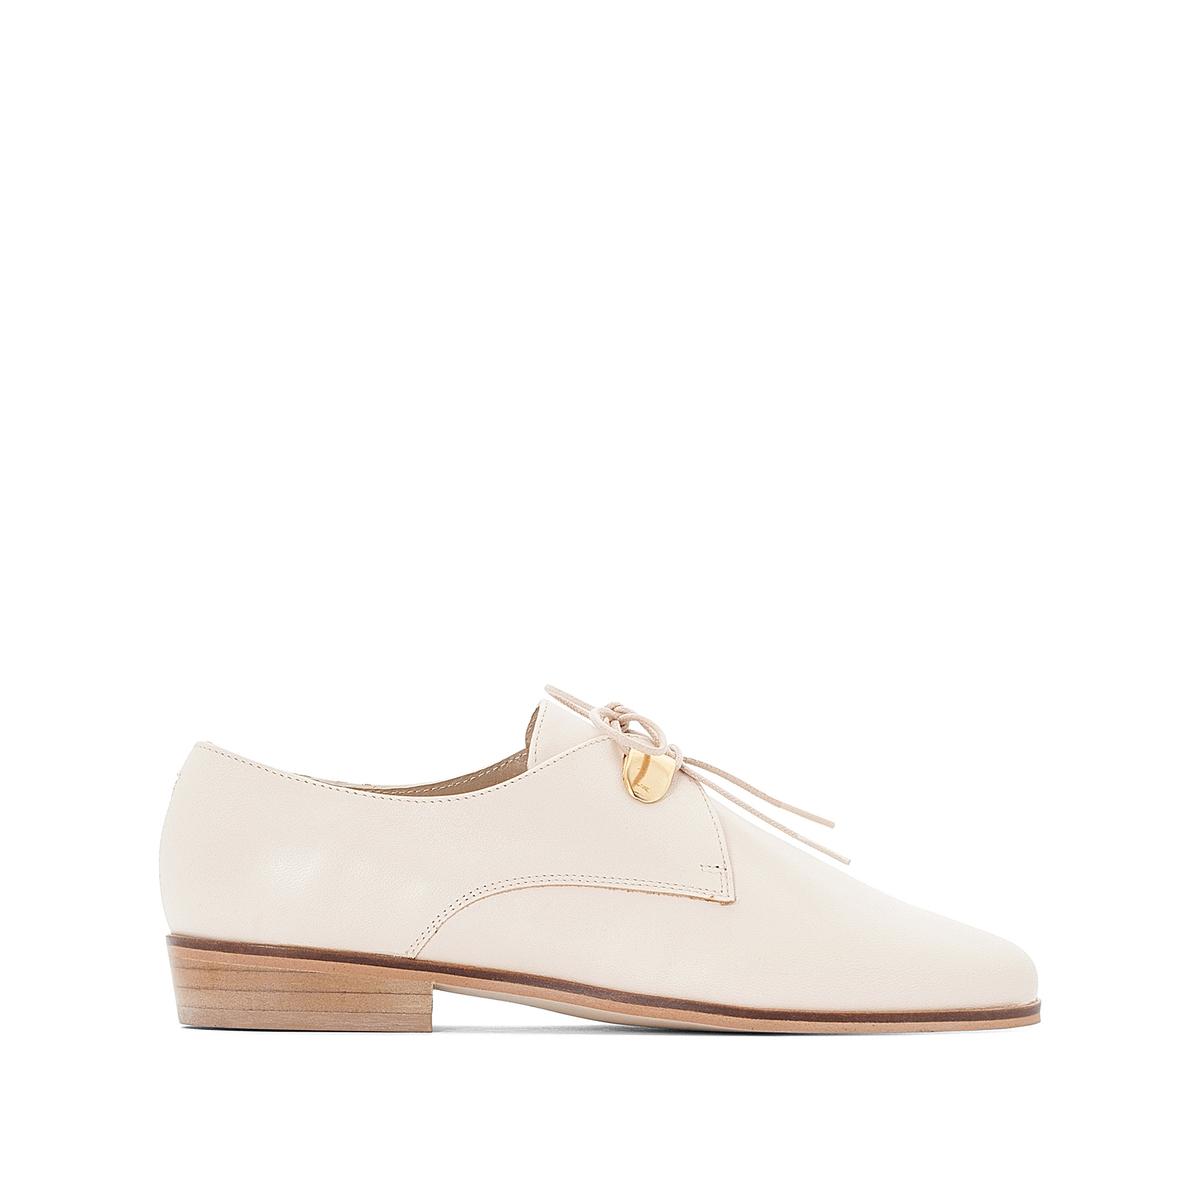 Ботинки-дерби кожаные на шнуровке, Divya